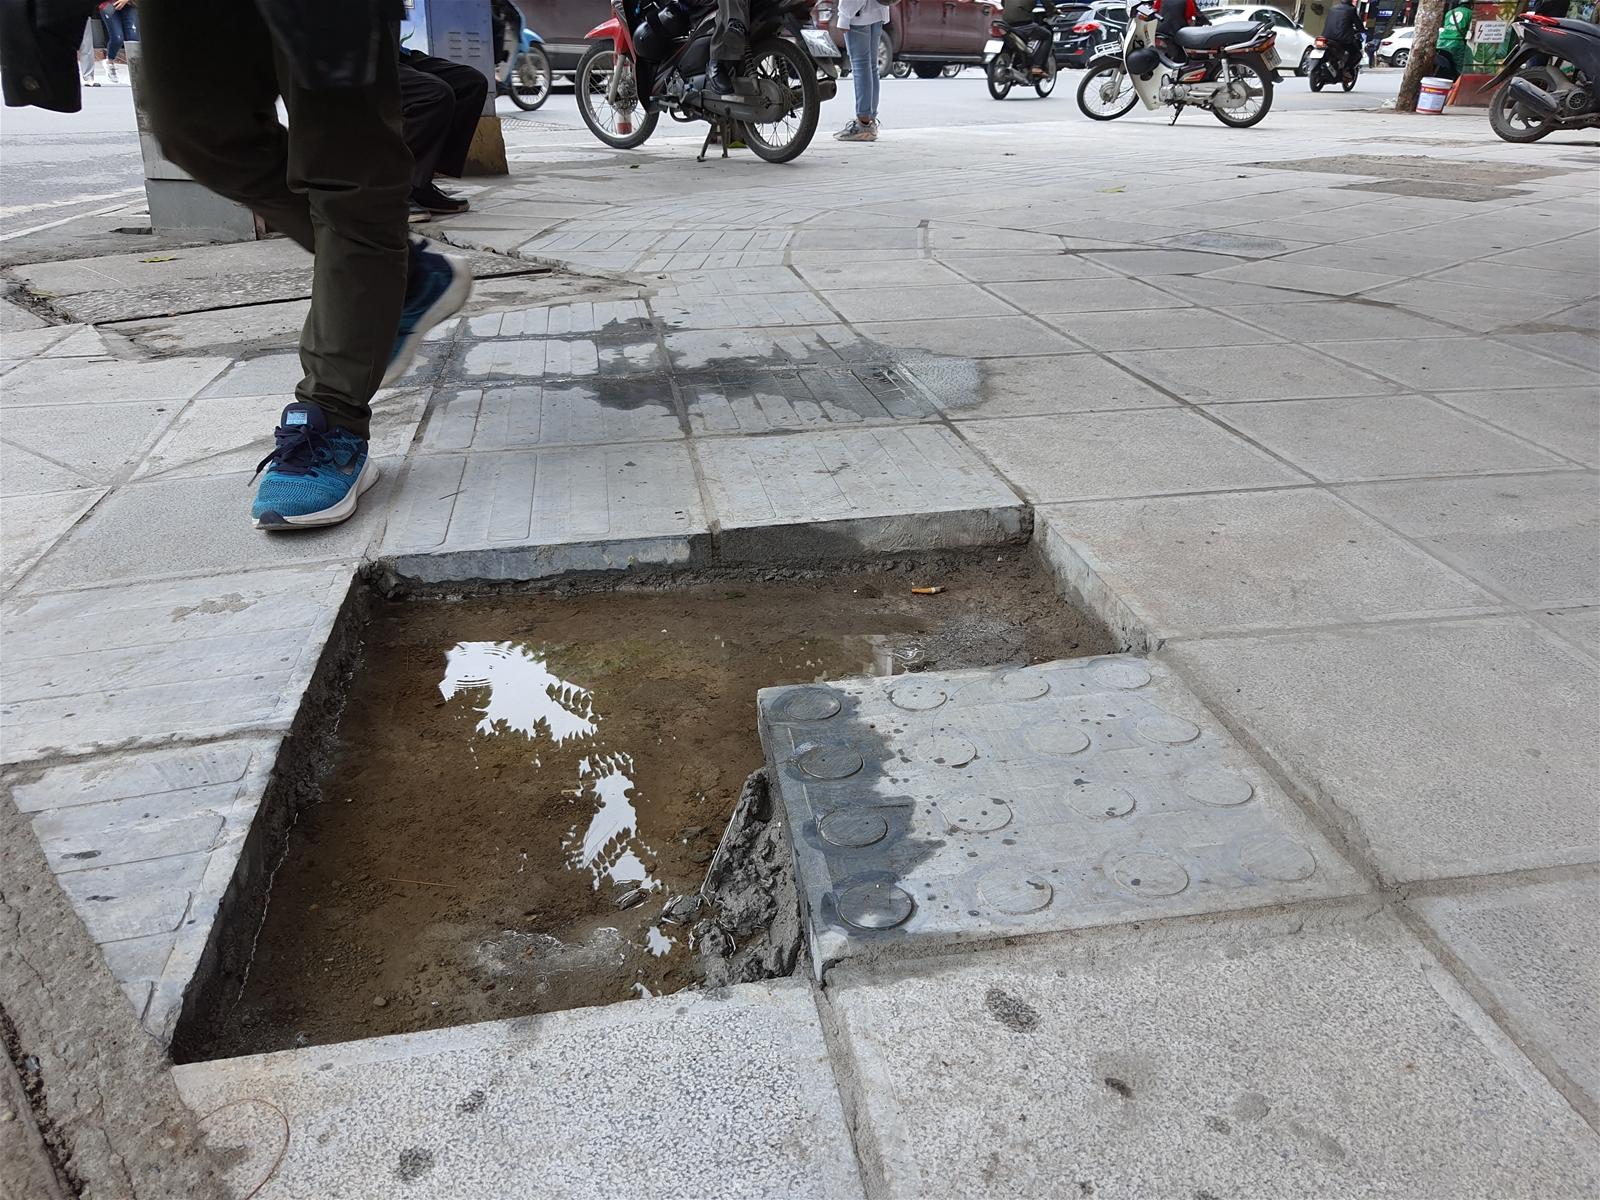 Hà Nội: Mỹ quan đô thị nhìn từ những viên đá lát vỉa hè